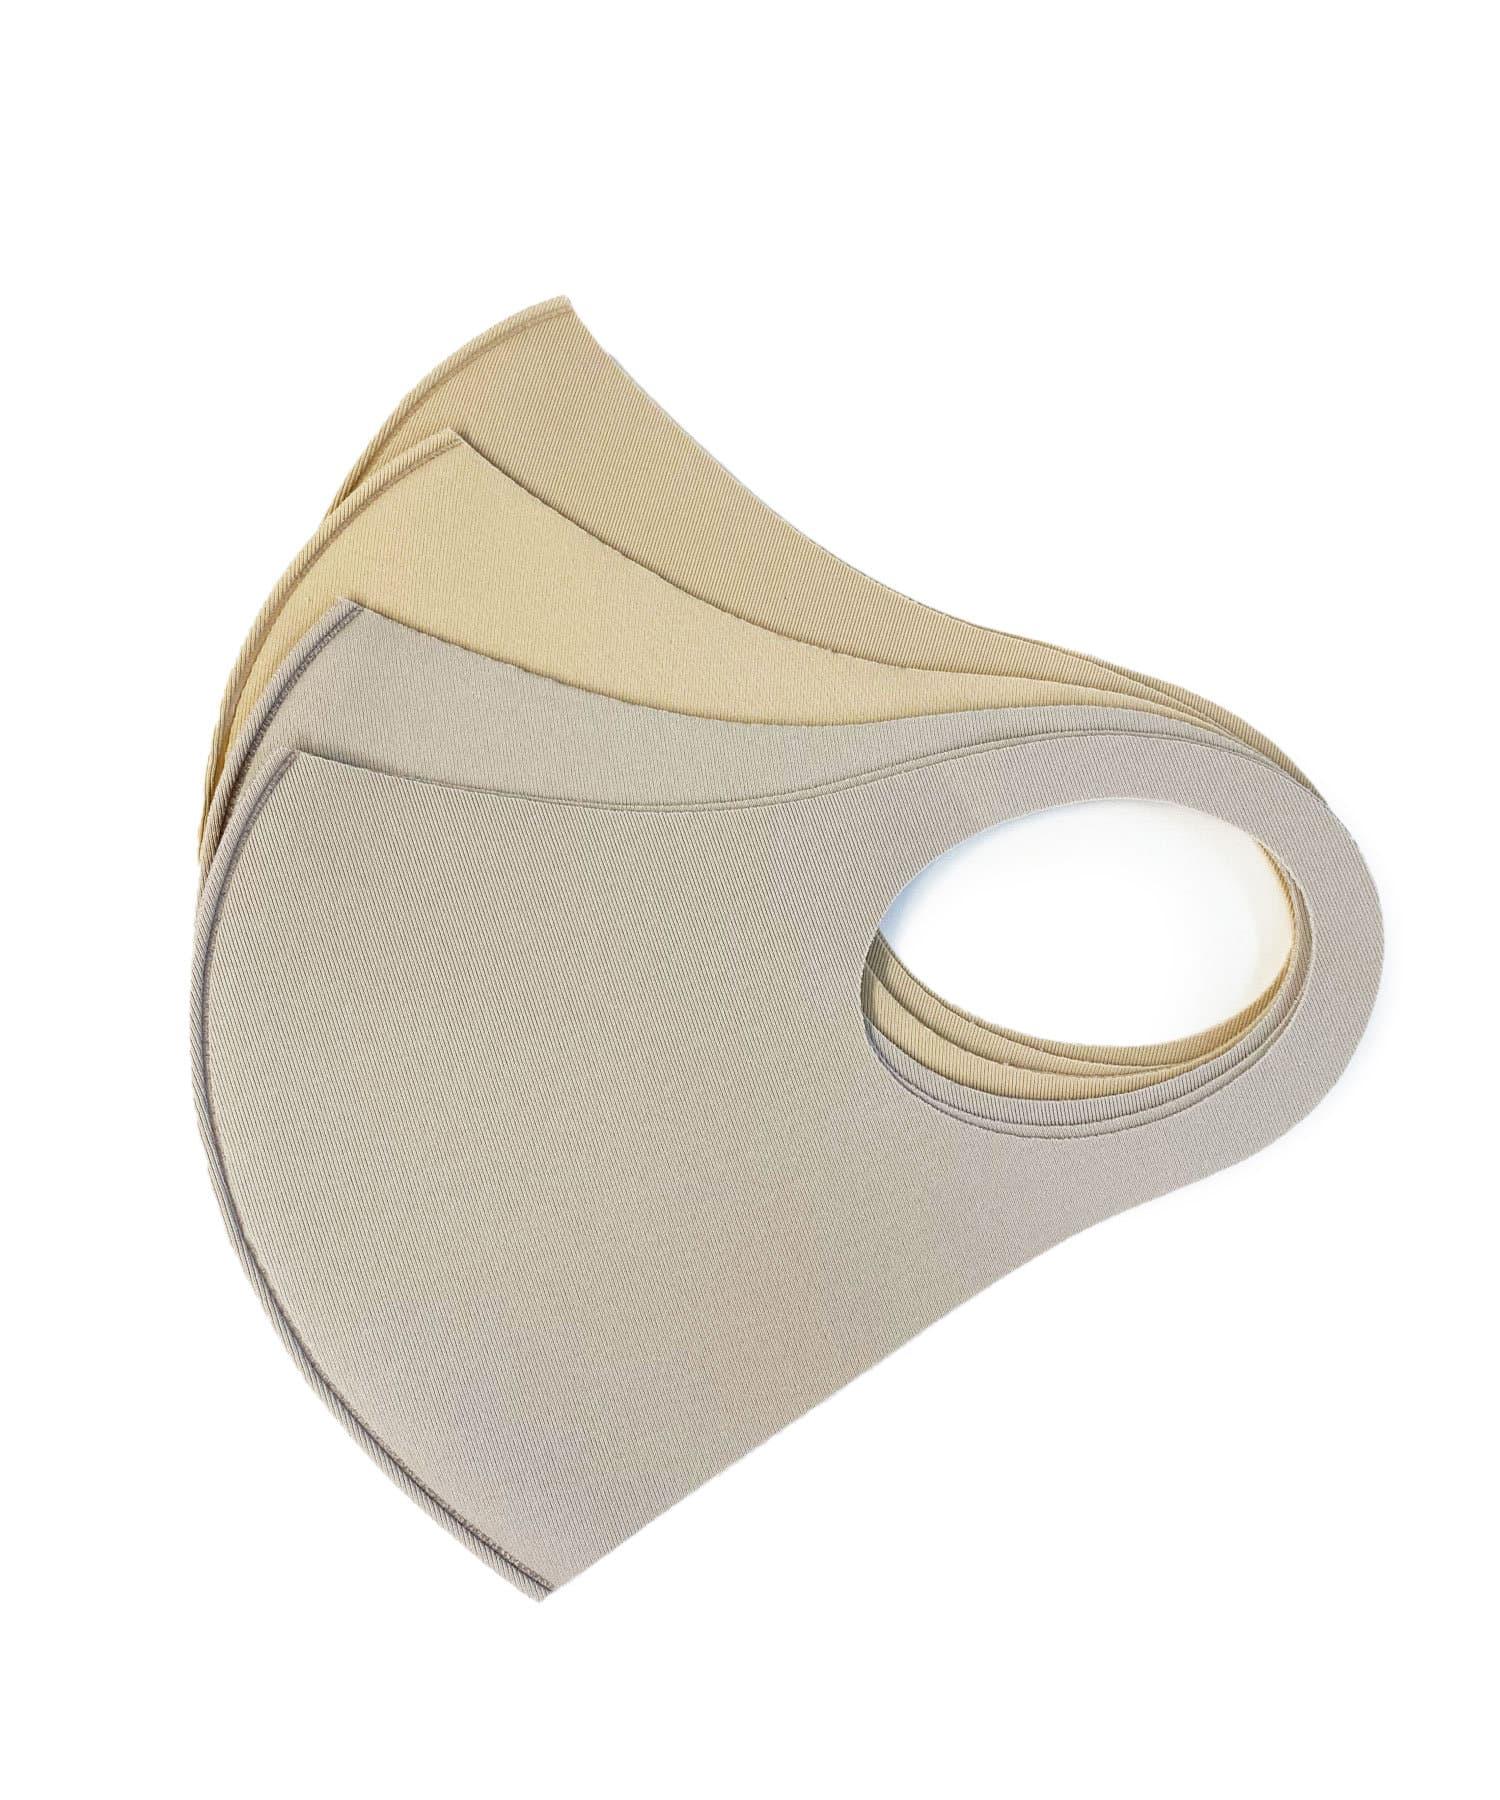 Lattice(ラティス) レディース 《ニュアンスカラー冷感抗菌マスク》4枚SET(小さめイズ) ベージュ